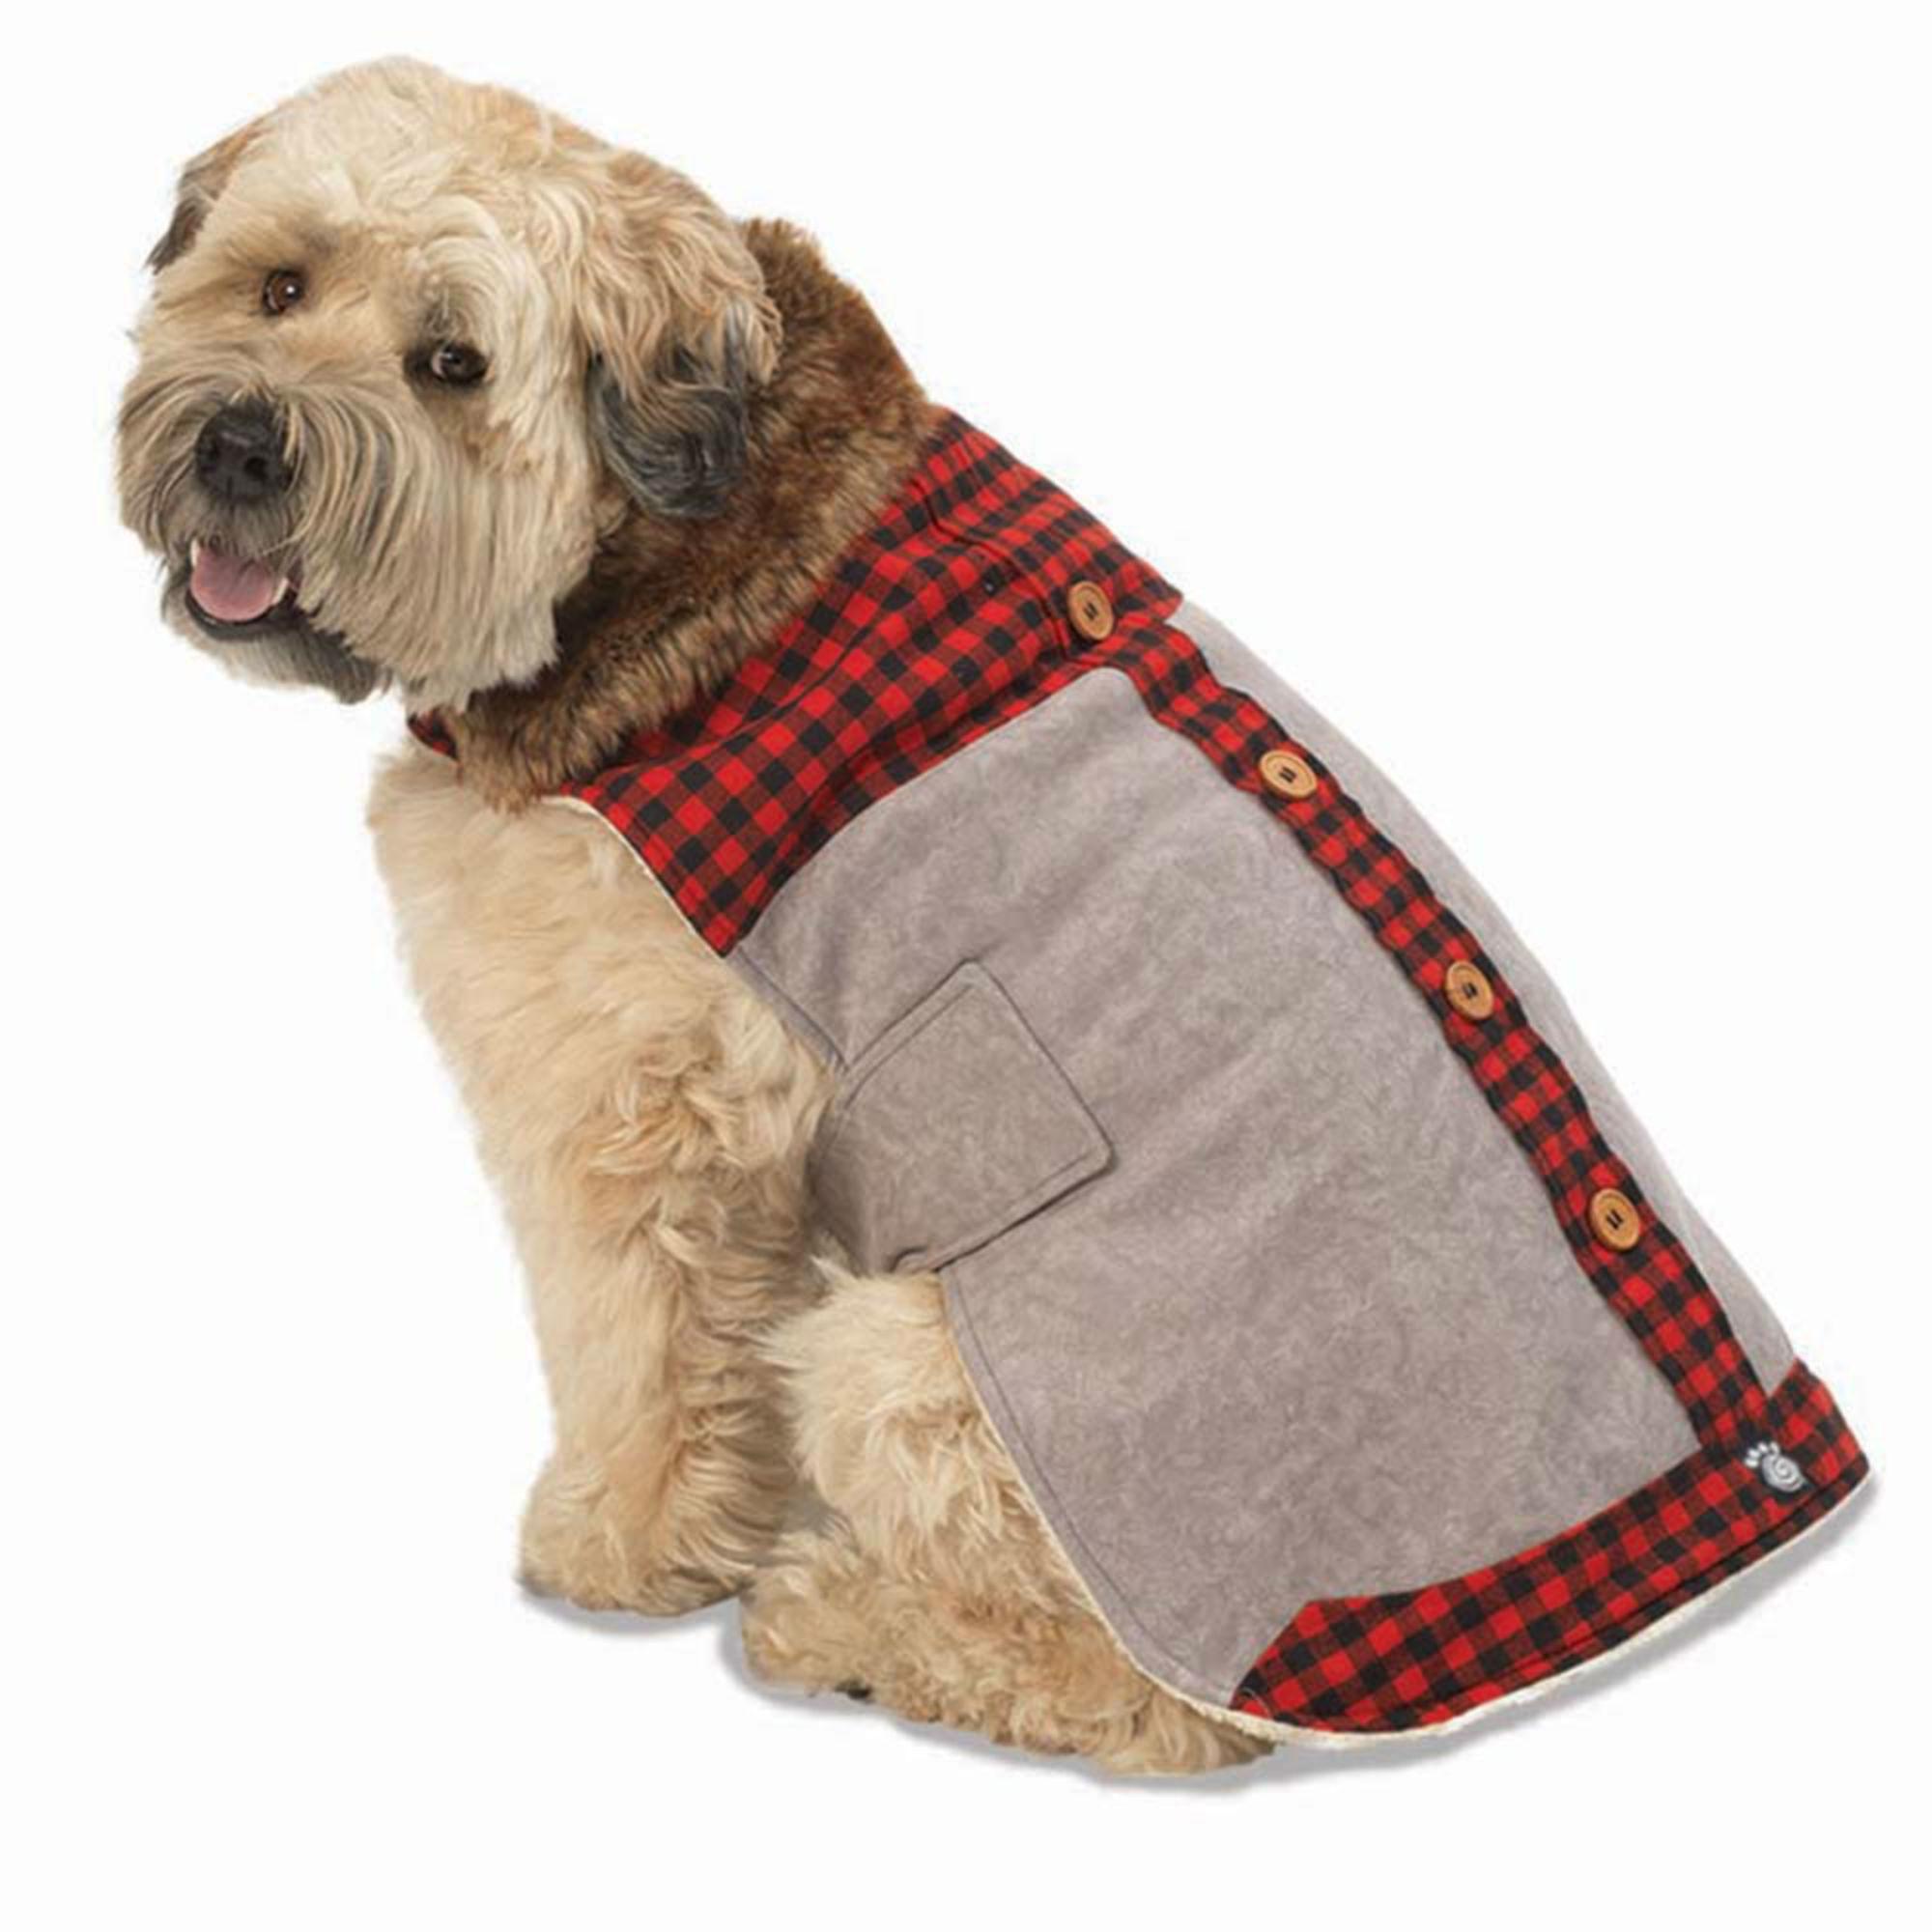 Jackson Lodge Dog Coat - Gray